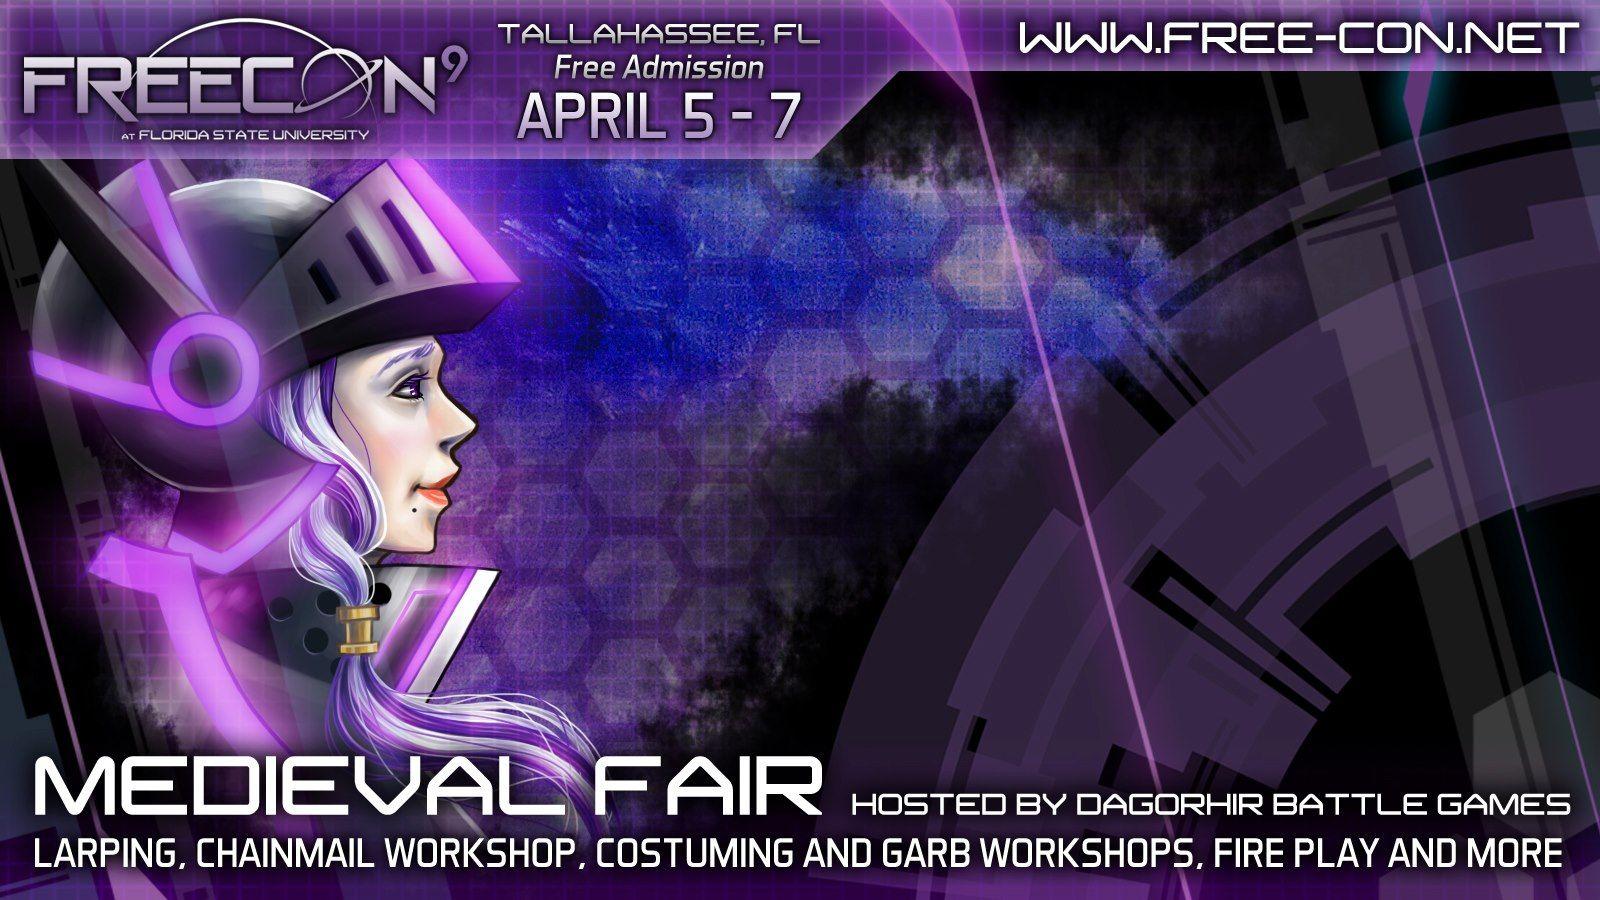 Medeval Fair